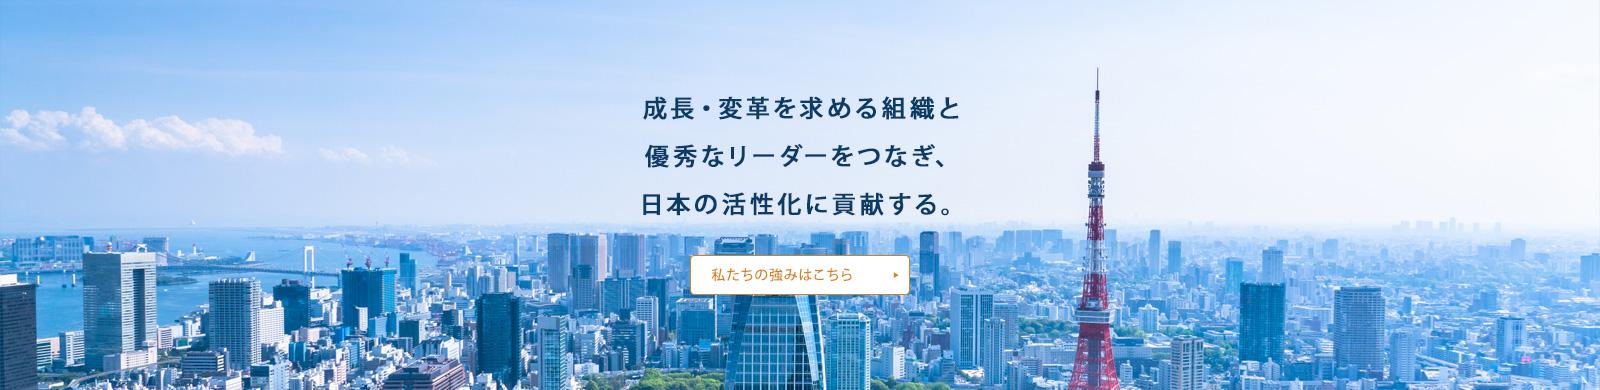 成長・変革を求める組織と 優秀なリーダーをつなぎ、 日本の活性化に貢献する。